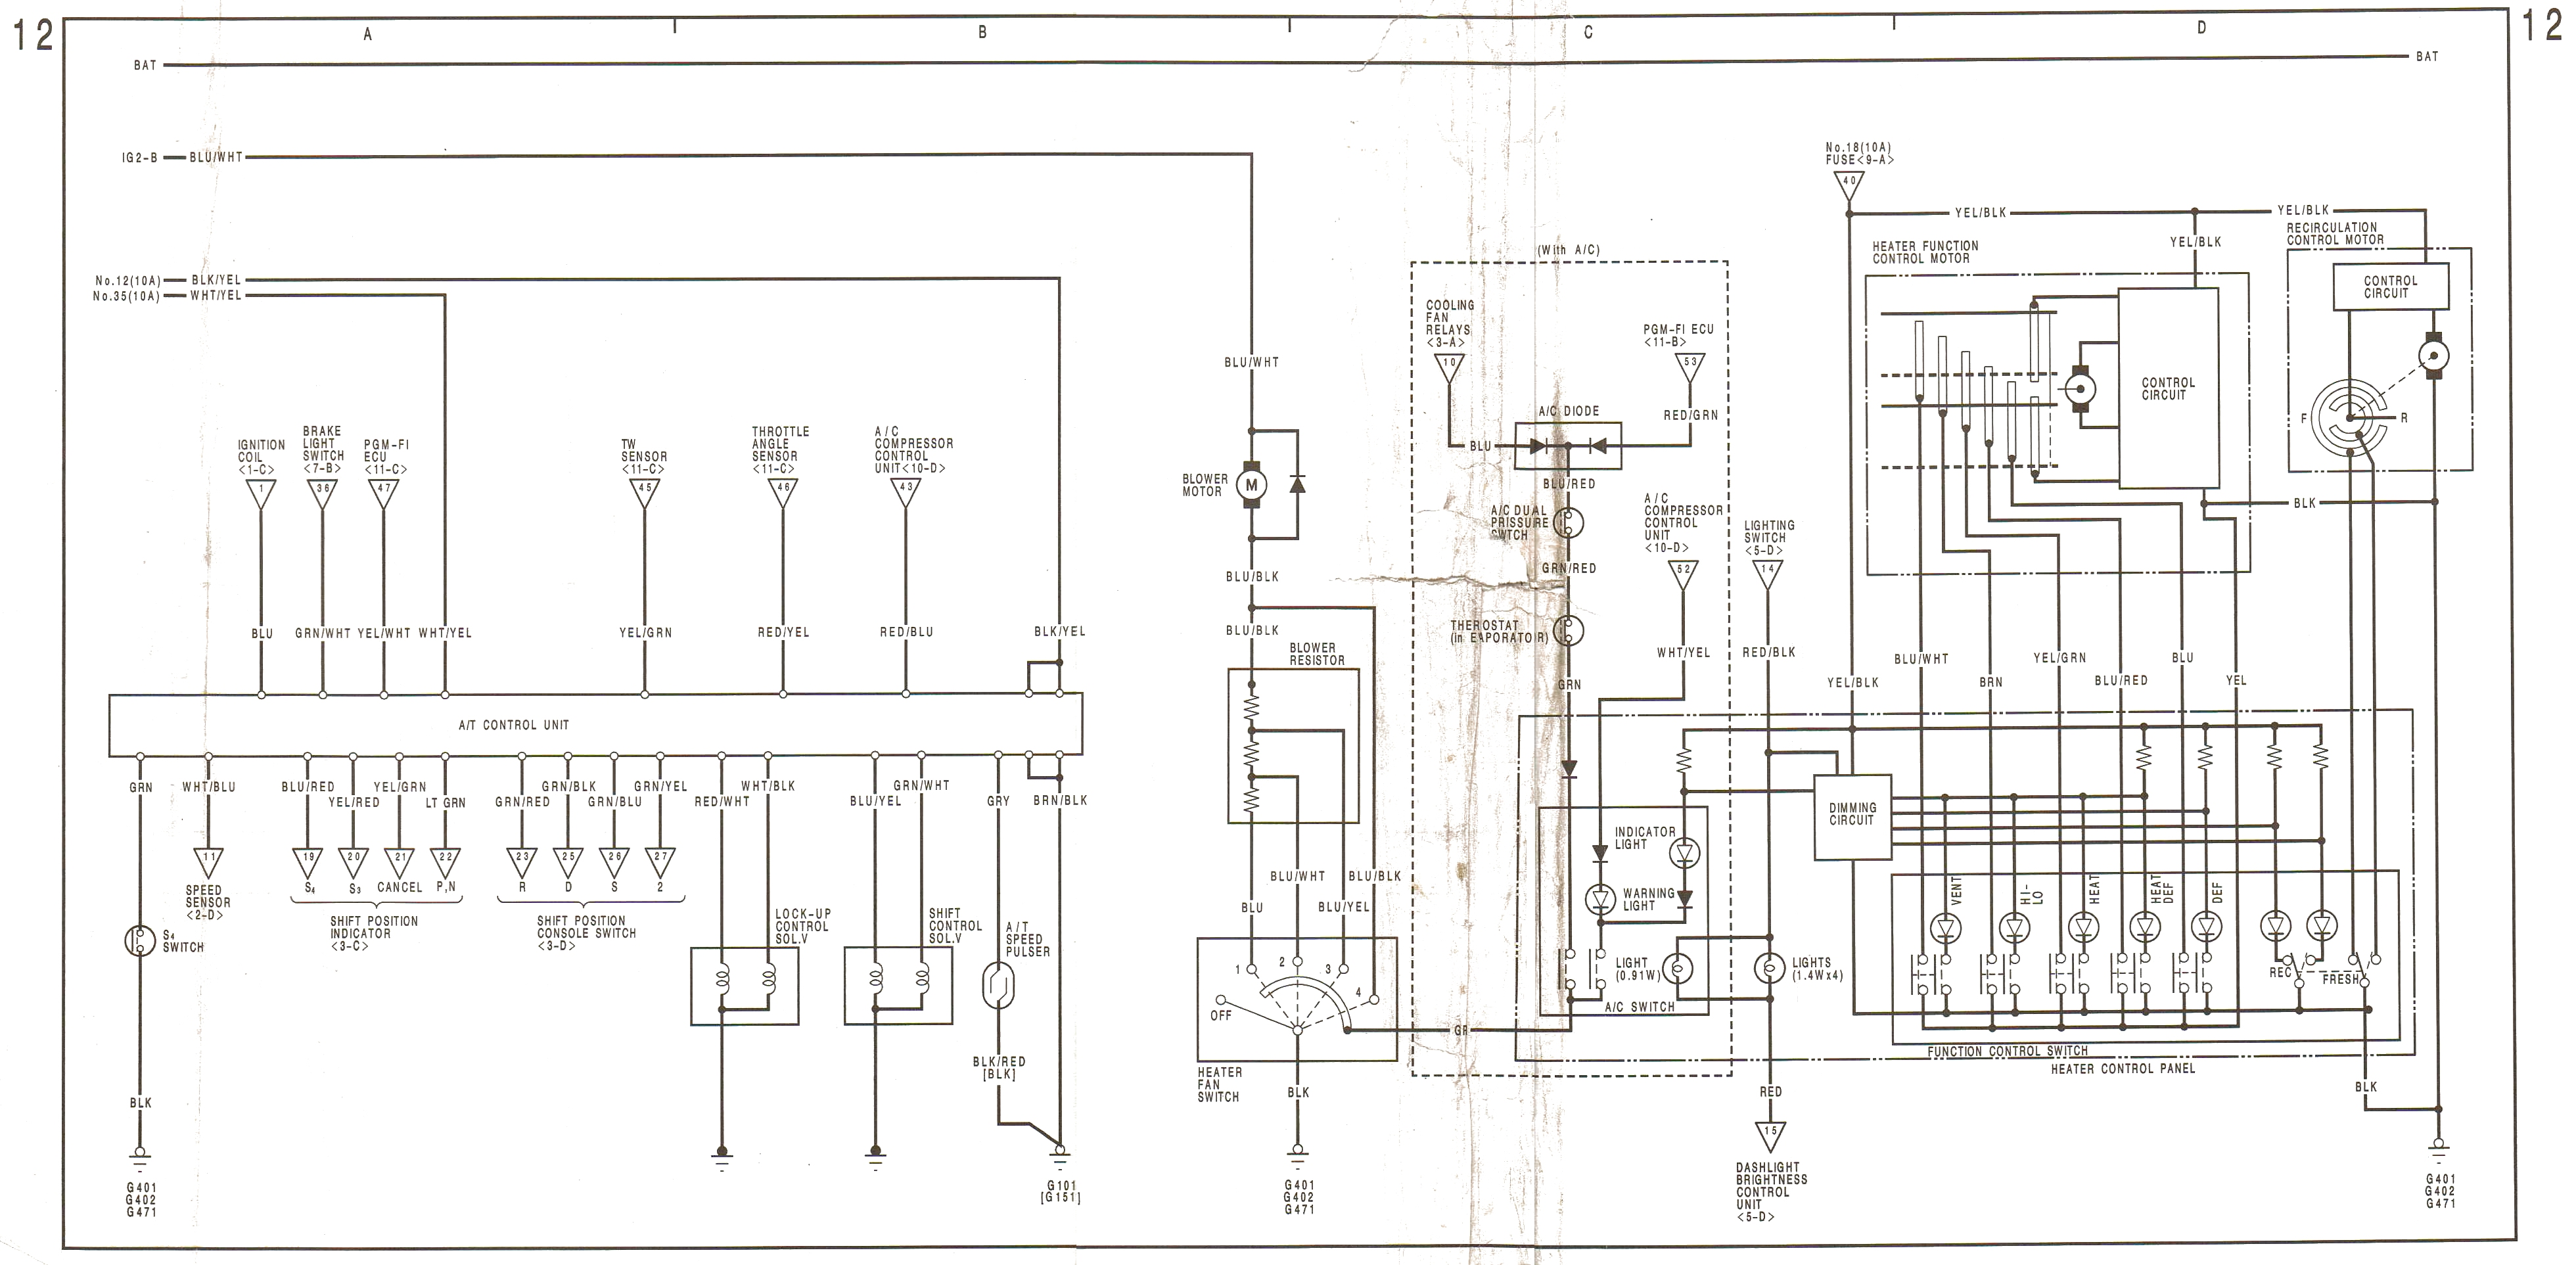 Wiring Diagram Mercede S430